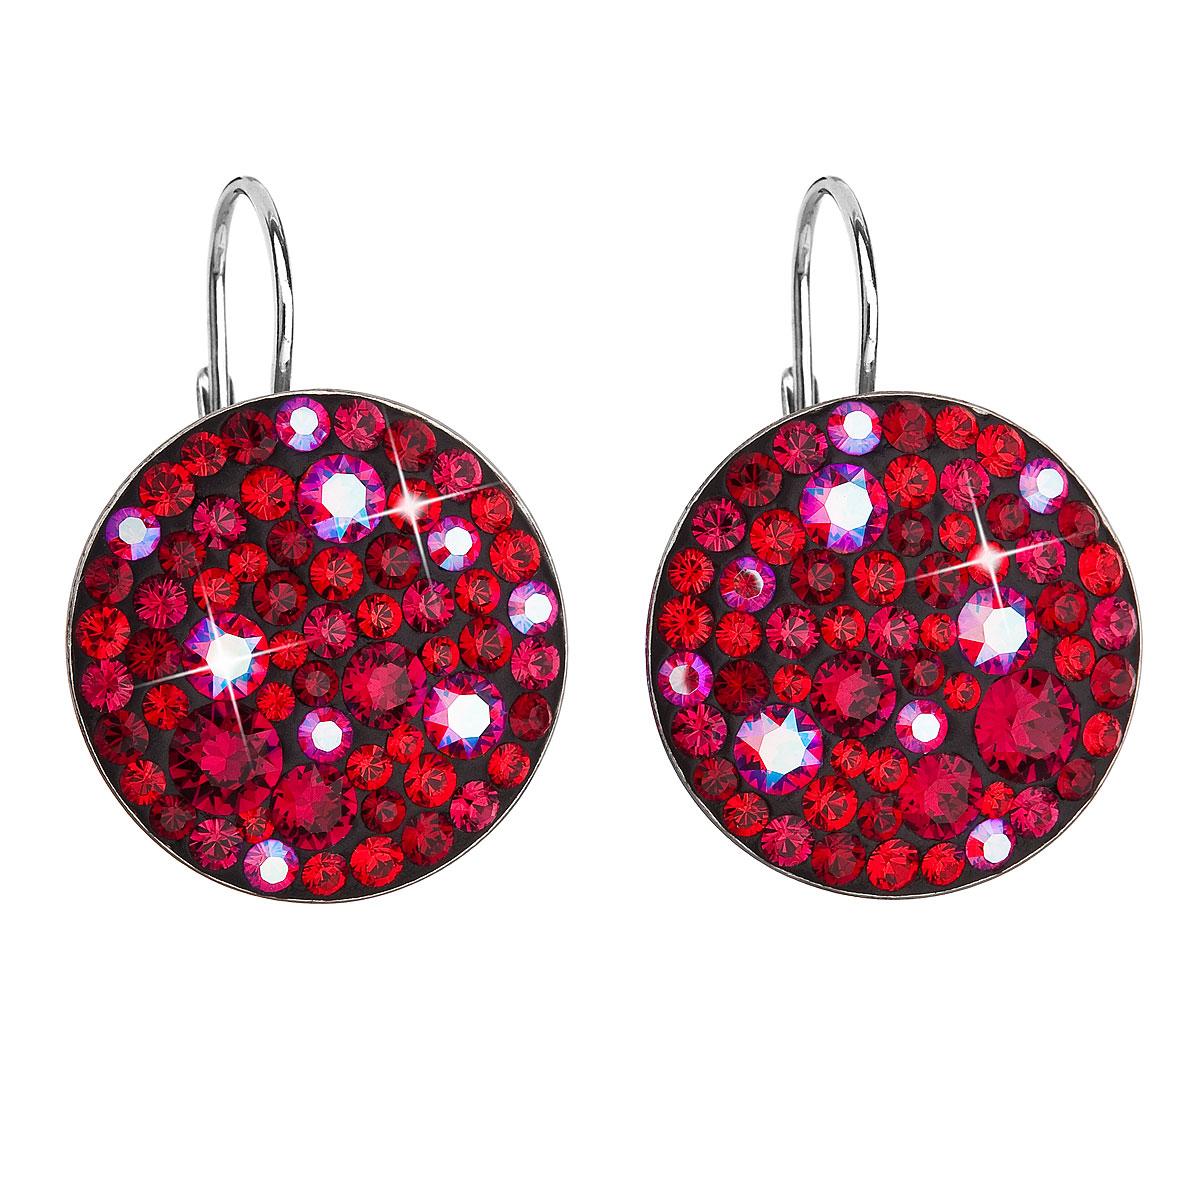 Strieborné náušnice visiace s krištálmi Swarovski červené okrúhle 31161.3 cherry